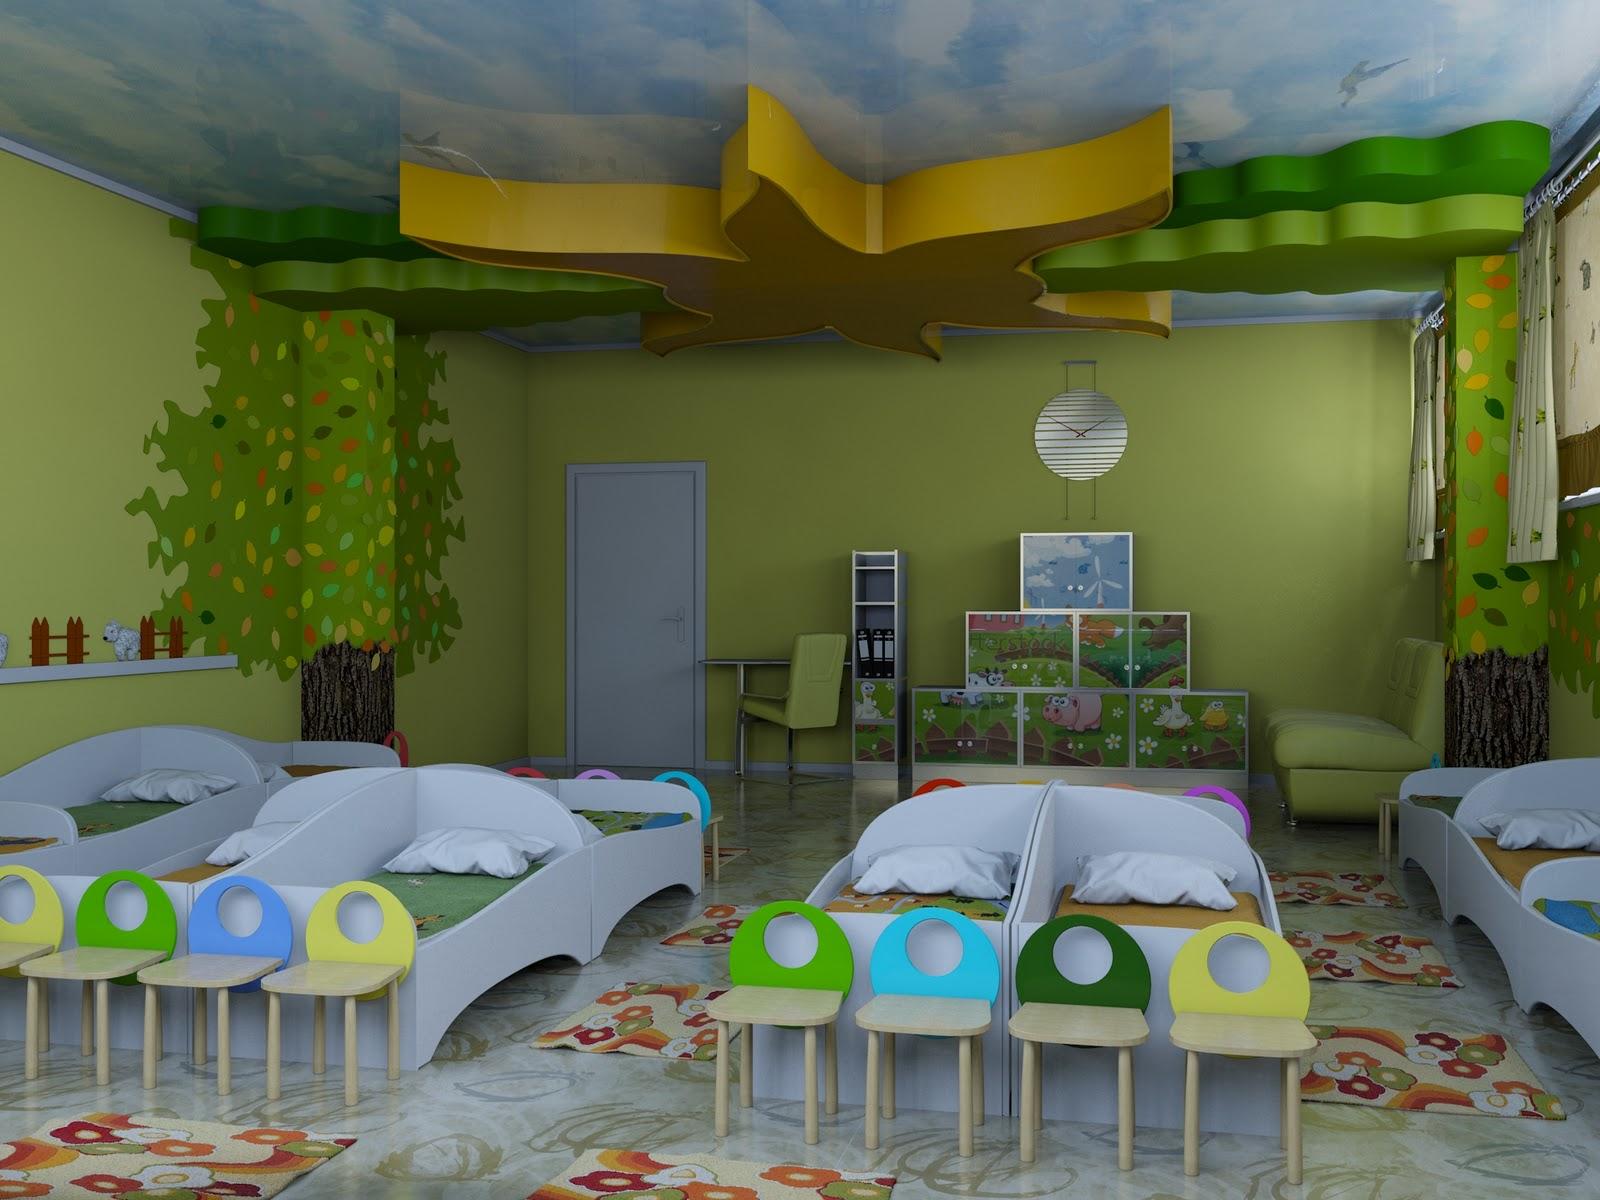 Проект детский дизайн в детском саду